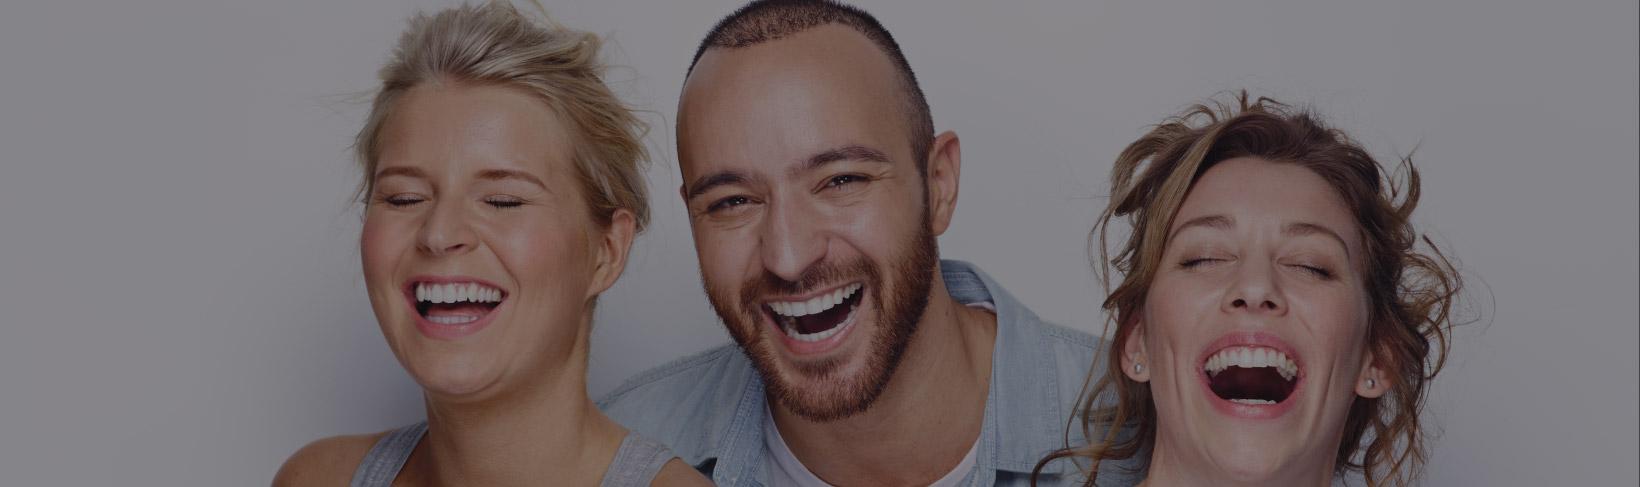 invisalign ortodoncia tres torres Barcelona sonrisas personas